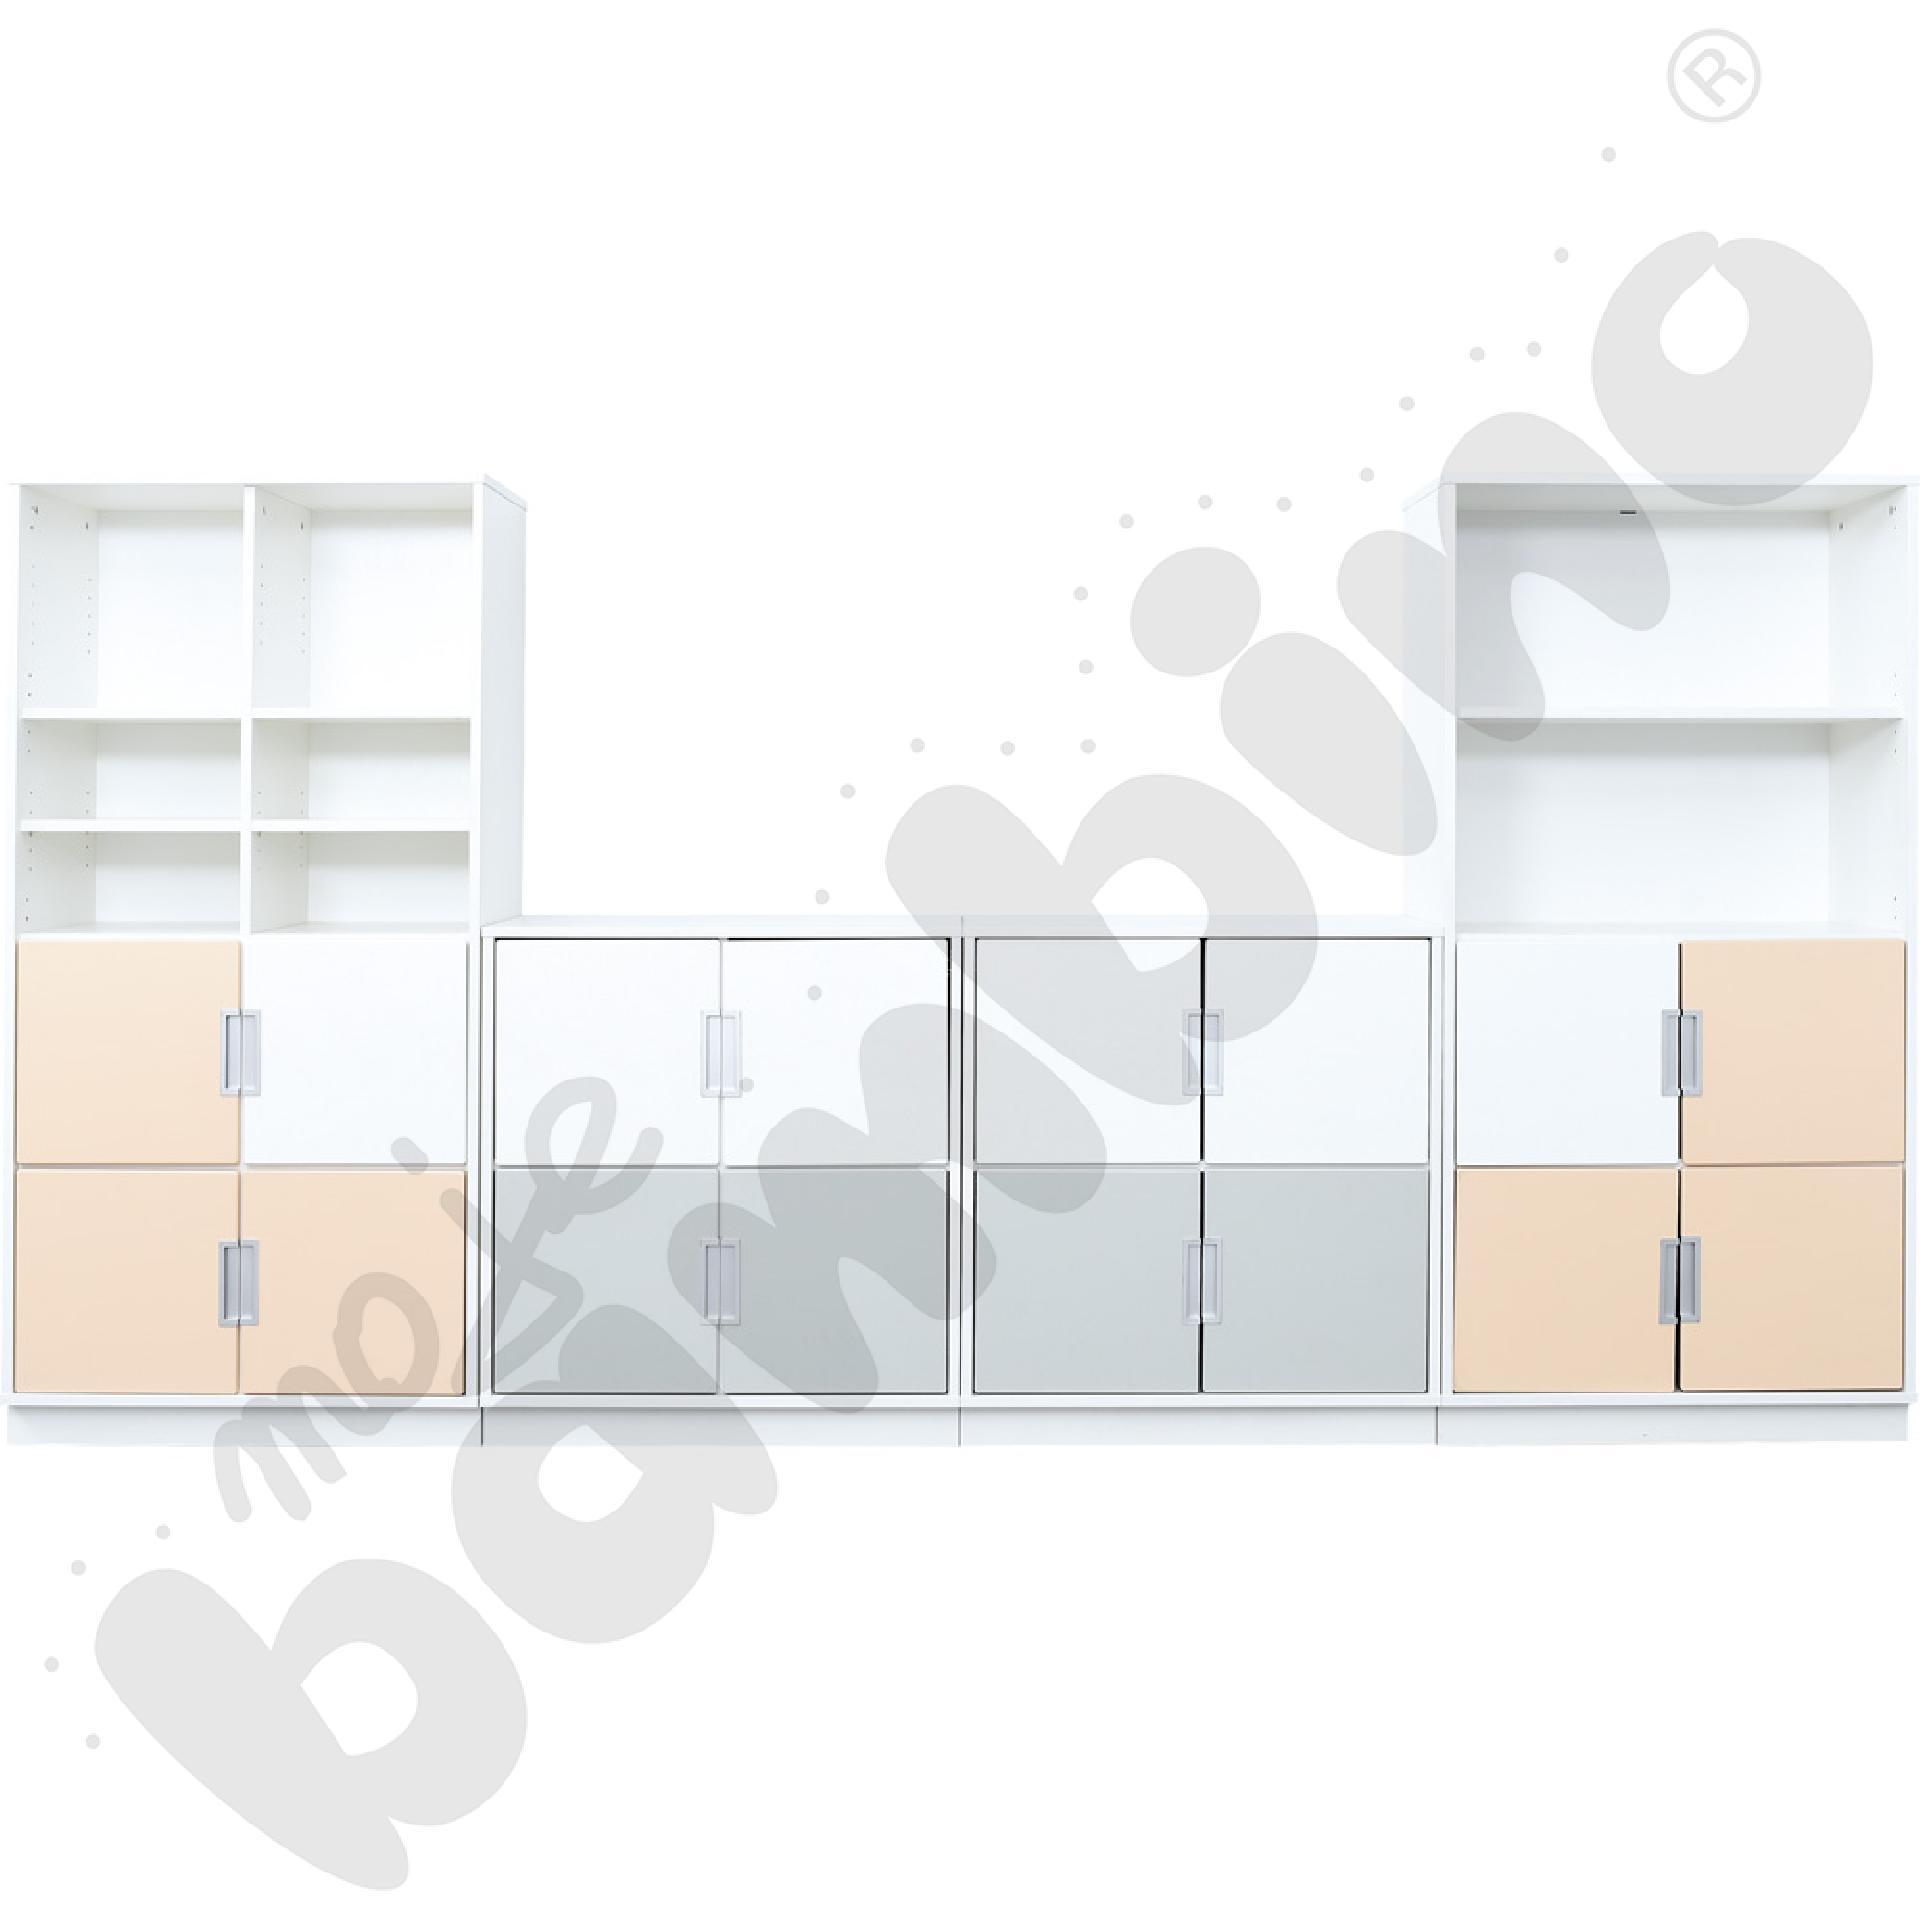 Quadro - zestaw 85, 90 st., klonowa skrzynia